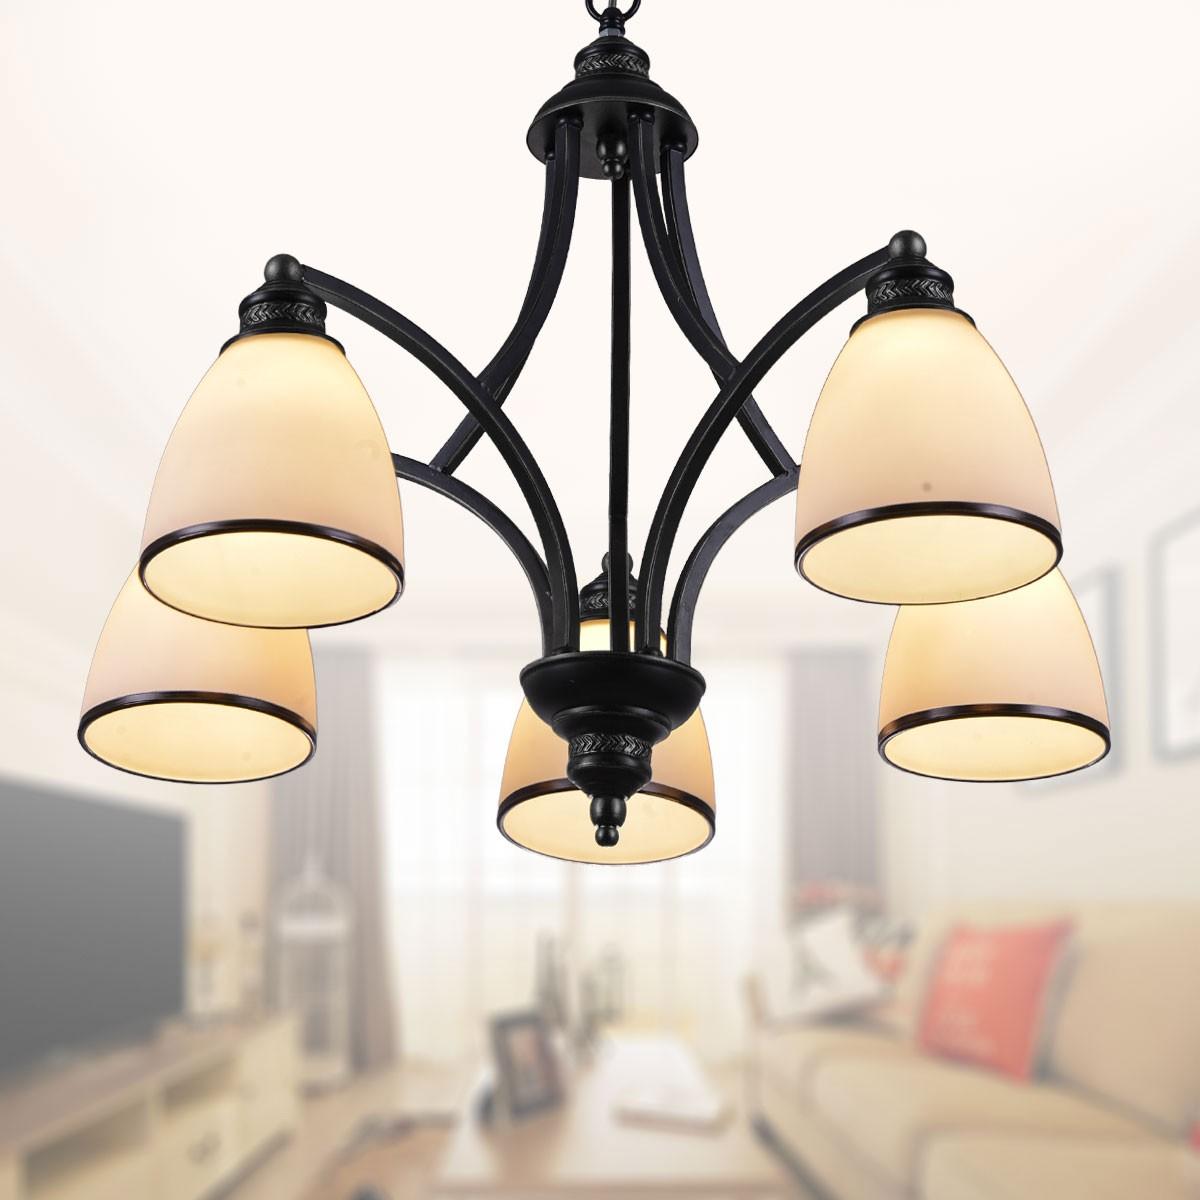 lustre en fer forg avec abat jour en verre 5 ampoules noir dk 5308 5x decoraport canada. Black Bedroom Furniture Sets. Home Design Ideas